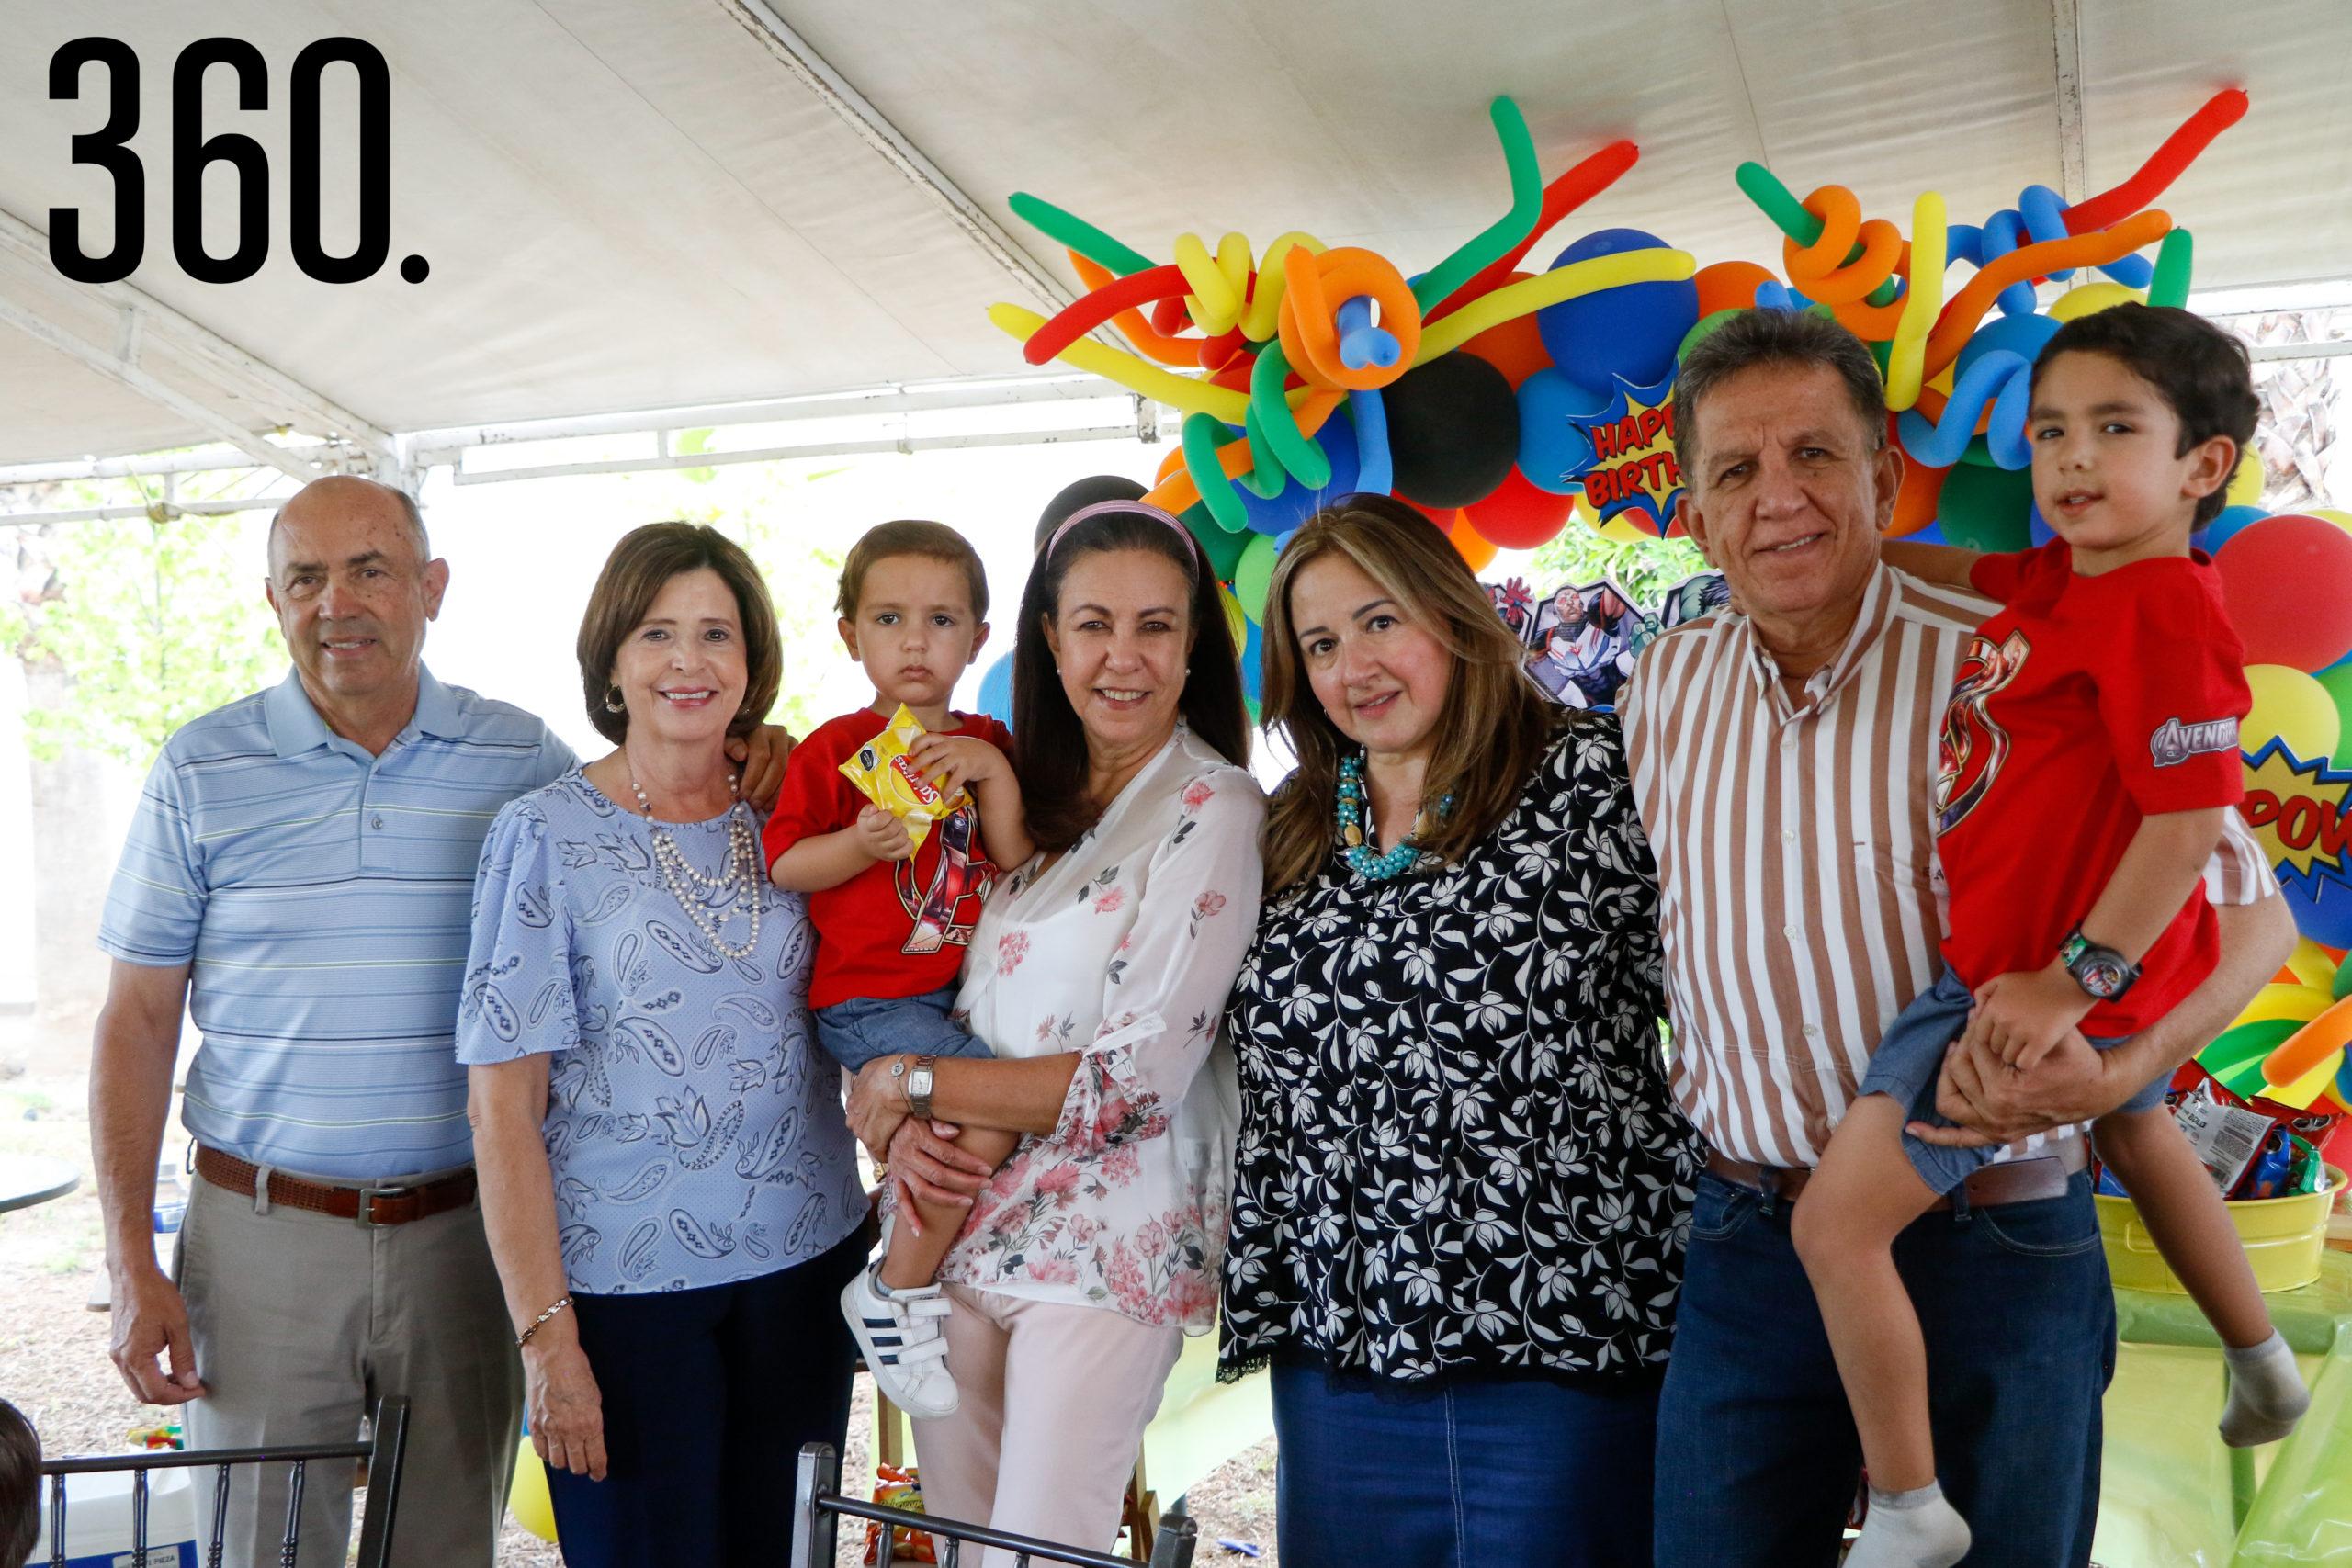 Los festejados con Javier Díaz, Catalina González, Evelyn Aburto, Julieta Torres y Eduardo Aburto.